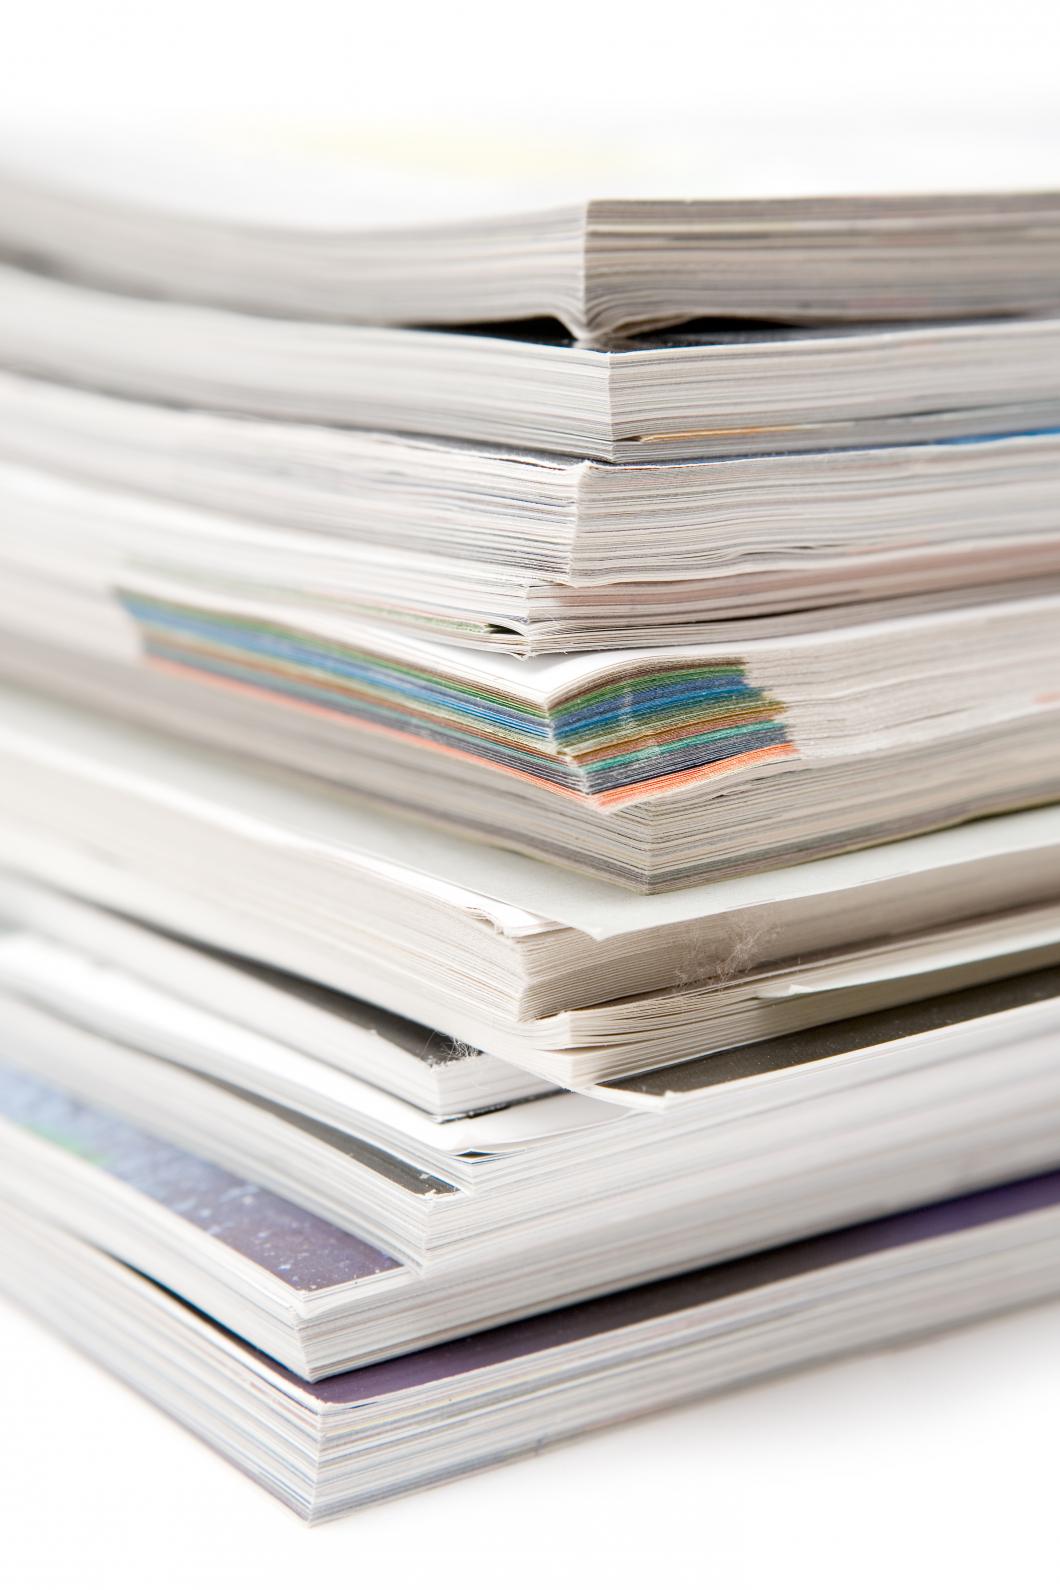 Pengar till psykisk ohälsa har gått till pappersarbete – inte vård